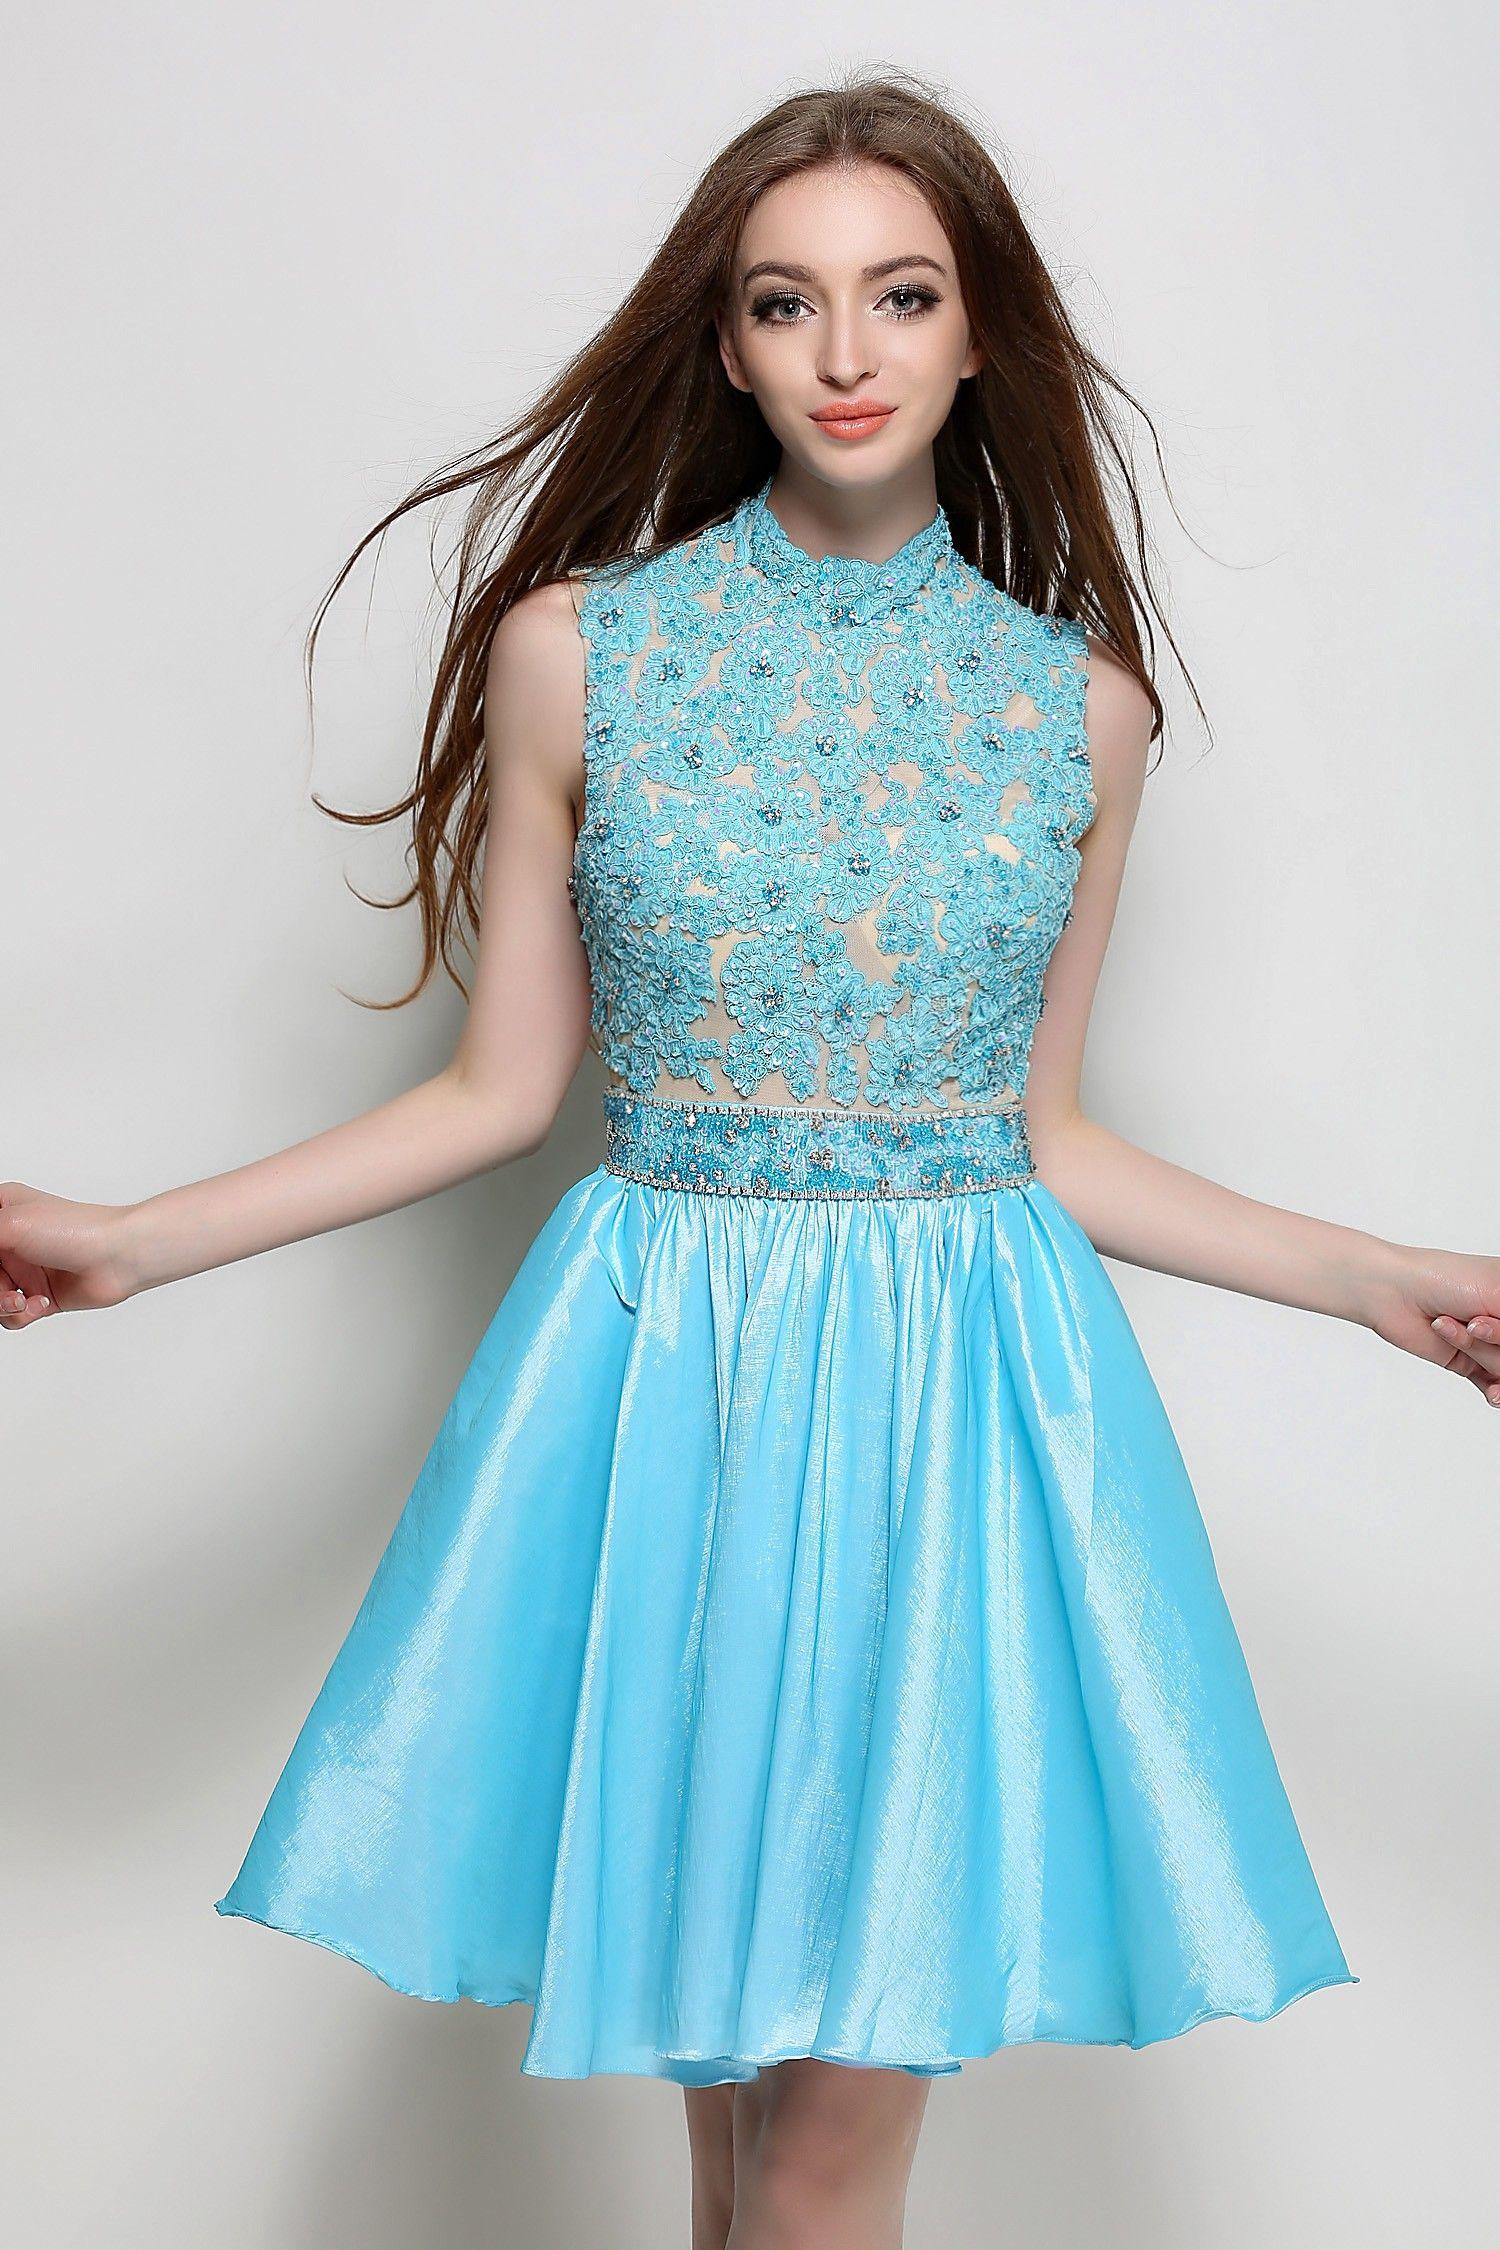 http://dresslinn.com/prom-dresses/short-prom-dresses/blue-high-neck ...